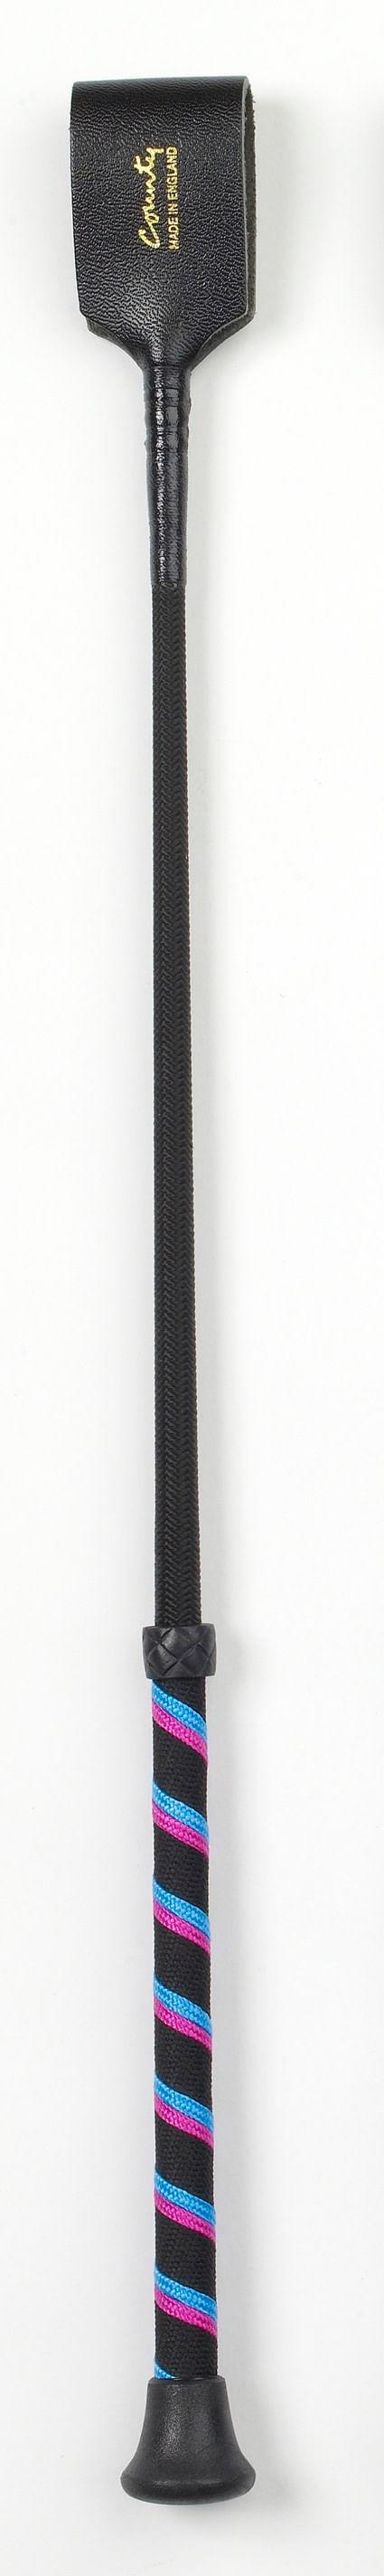 County Tri-Stripe Bat - Black/Cerise